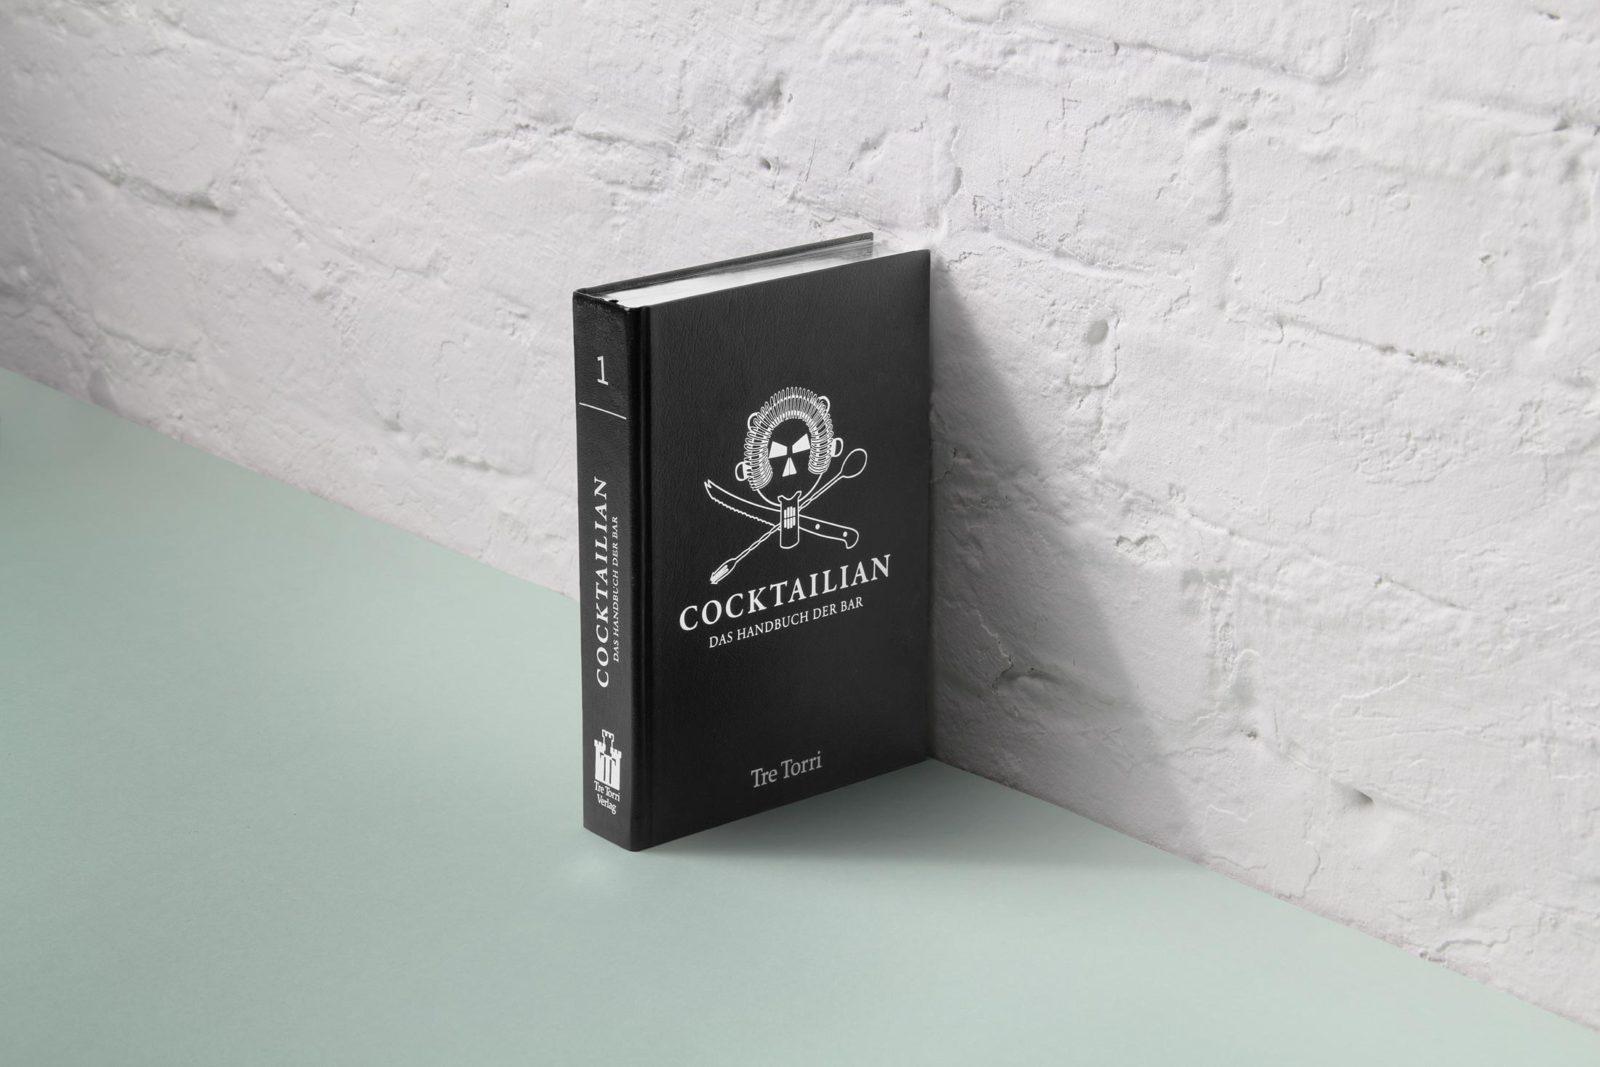 Editienne Grafikdesign - Kommunikationsdesign Berlin- Buchgestaltung Cocktailian 1 Das Handbuch der Bar Cover